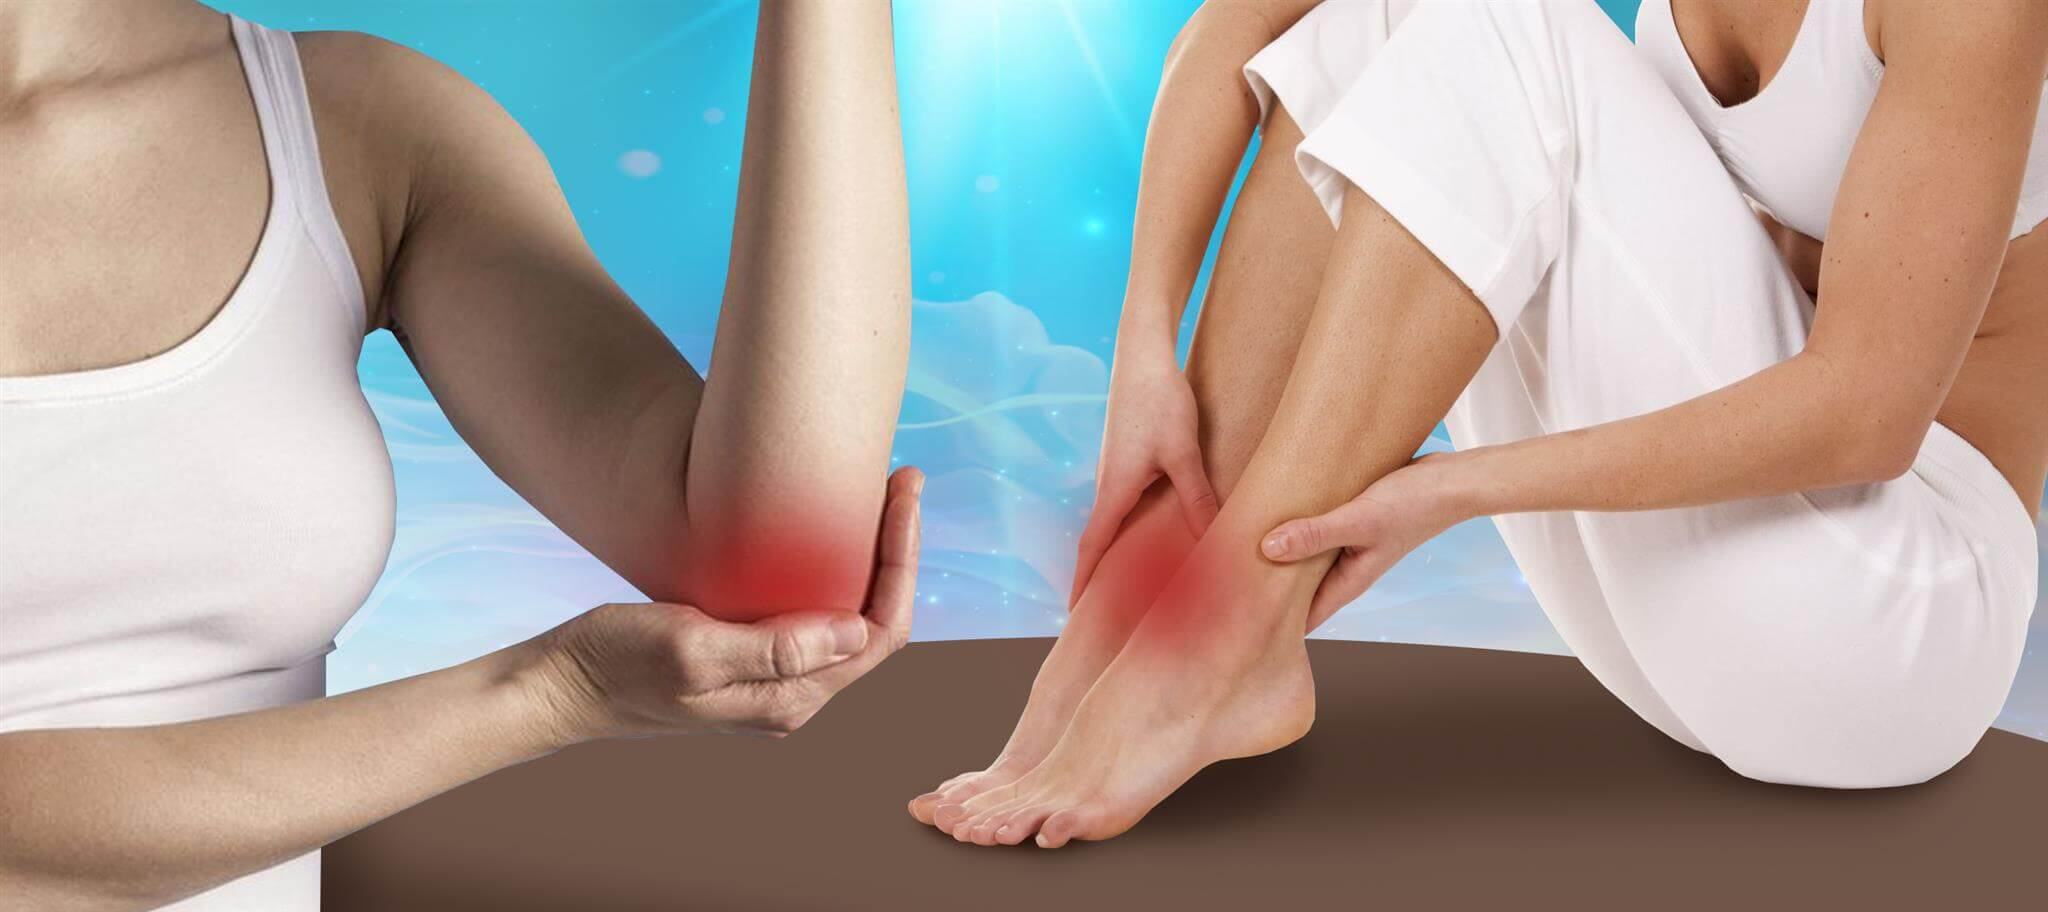 Как избавиться от болей в ногах